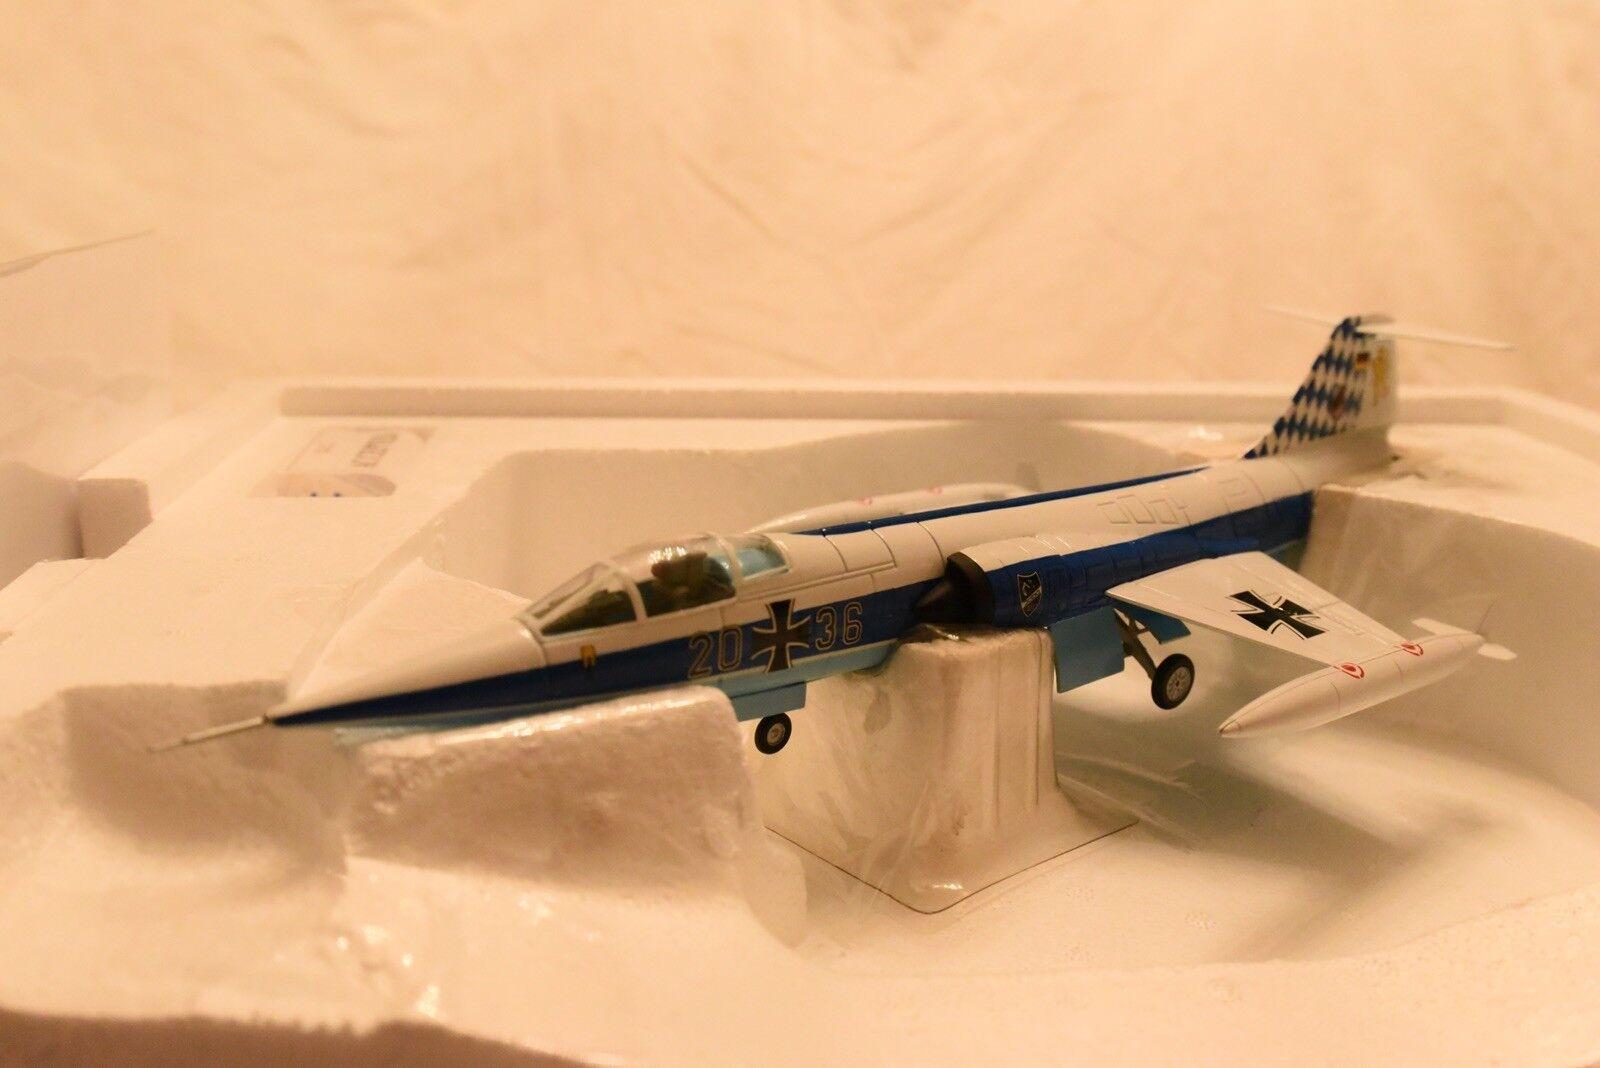 Franklin Mint 1 48 Aircraft F104 Starfighter Bavaria New Model B11D751